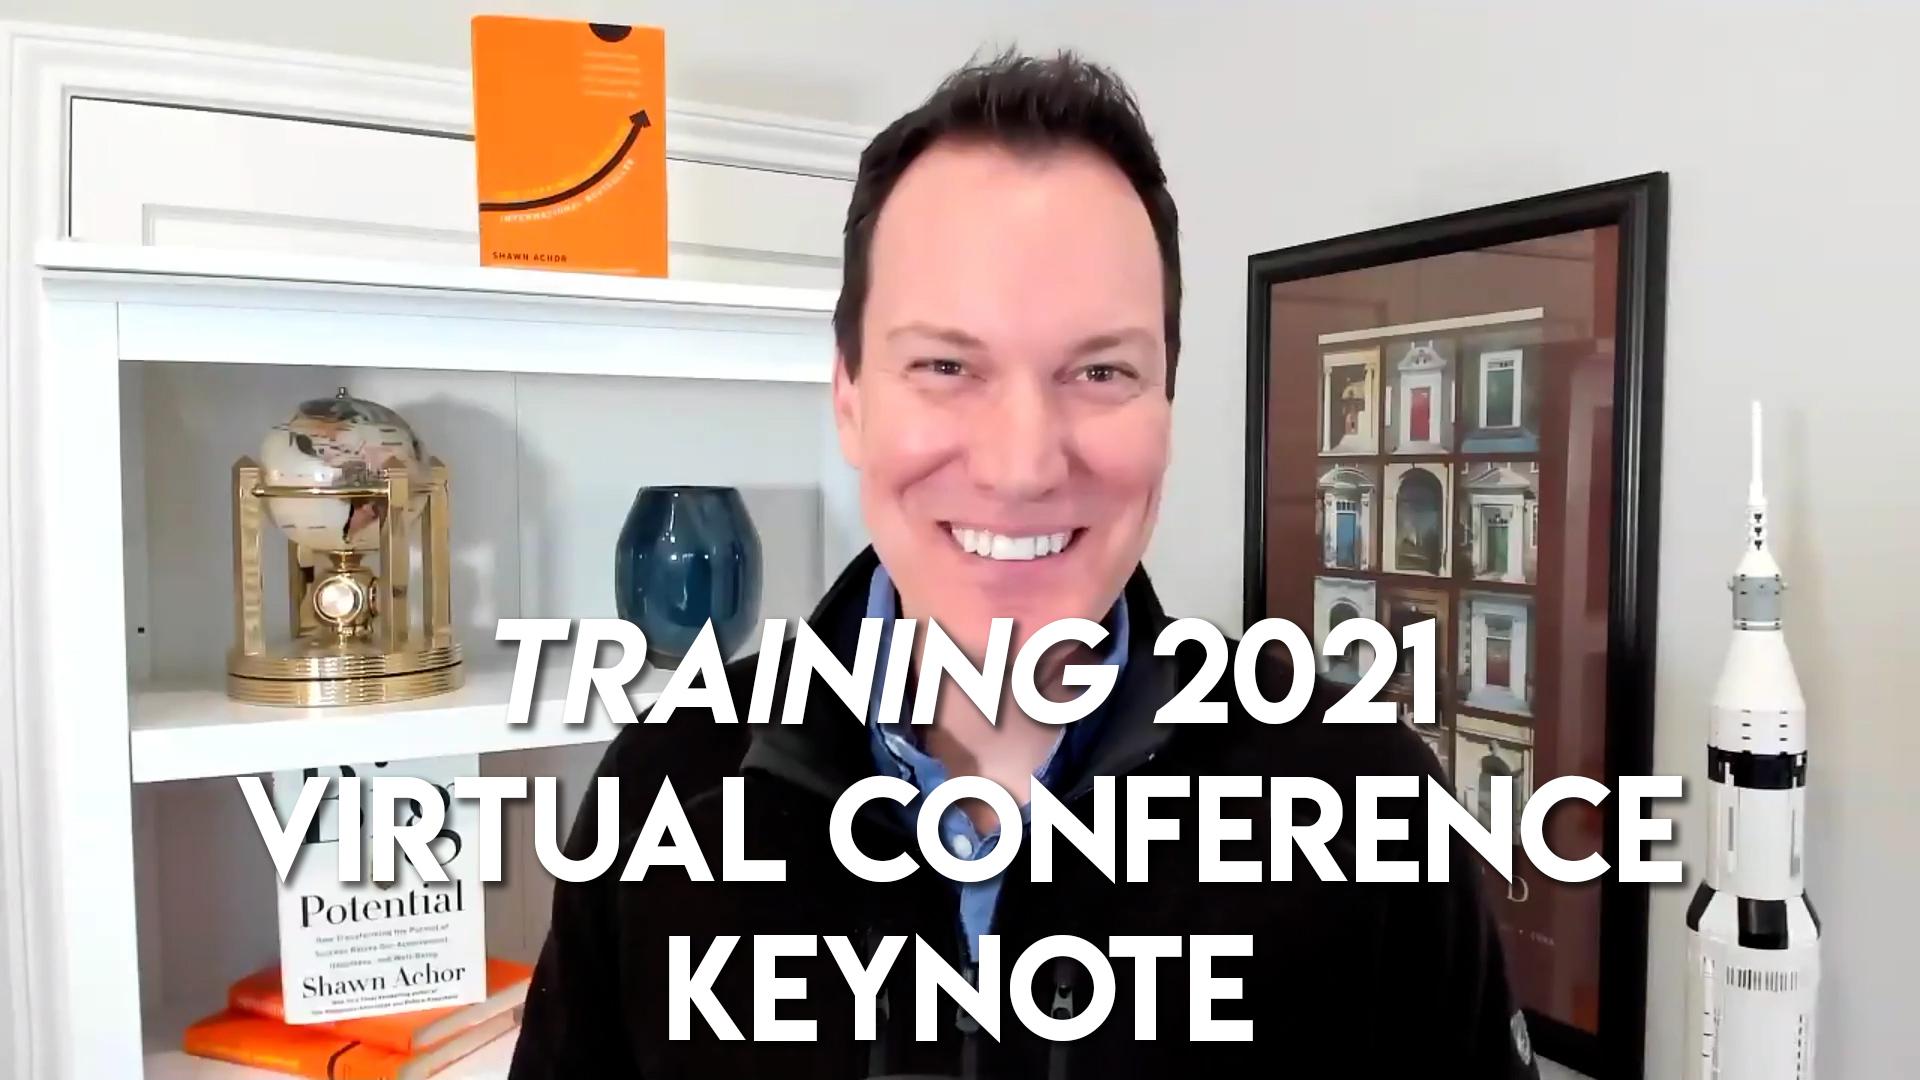 Training 2021 Virtual Conference Keynote